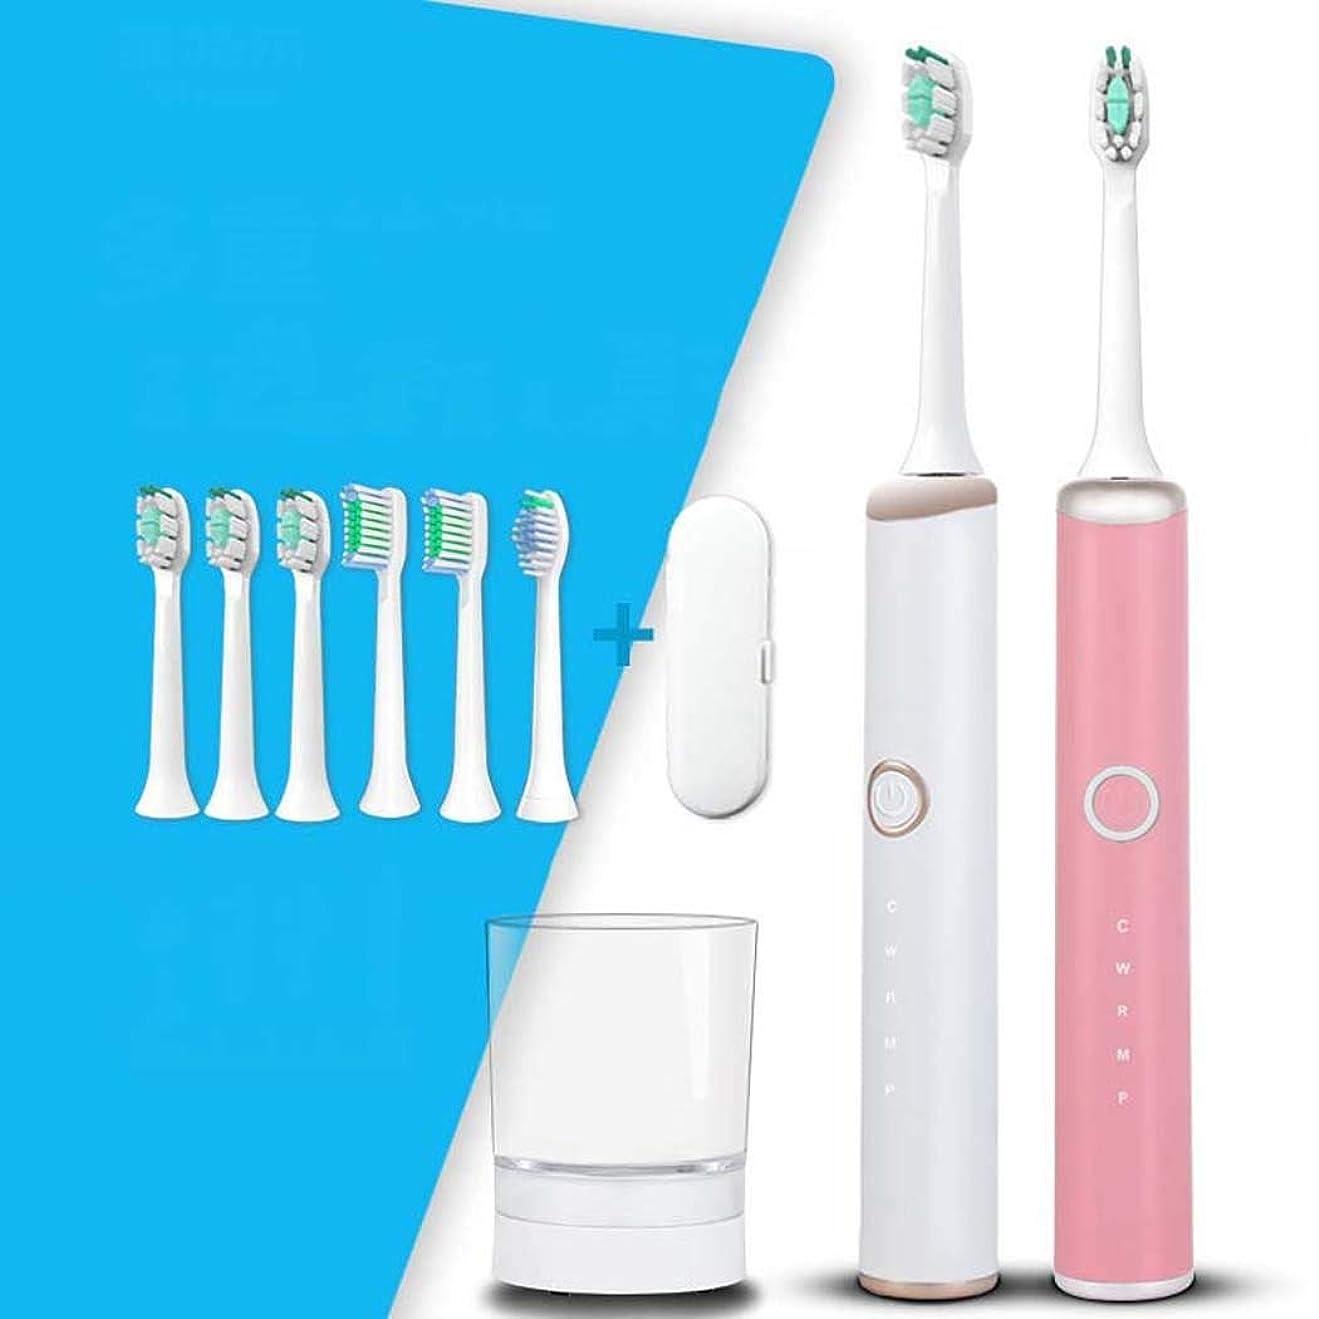 平凡月曜日存在電動歯ブラシ、ソニック電動歯ブラシ、家庭用大人用自動歯ブラシ、ミュート防水、スマートワイヤレス誘導充電(カラー:ホワイト)